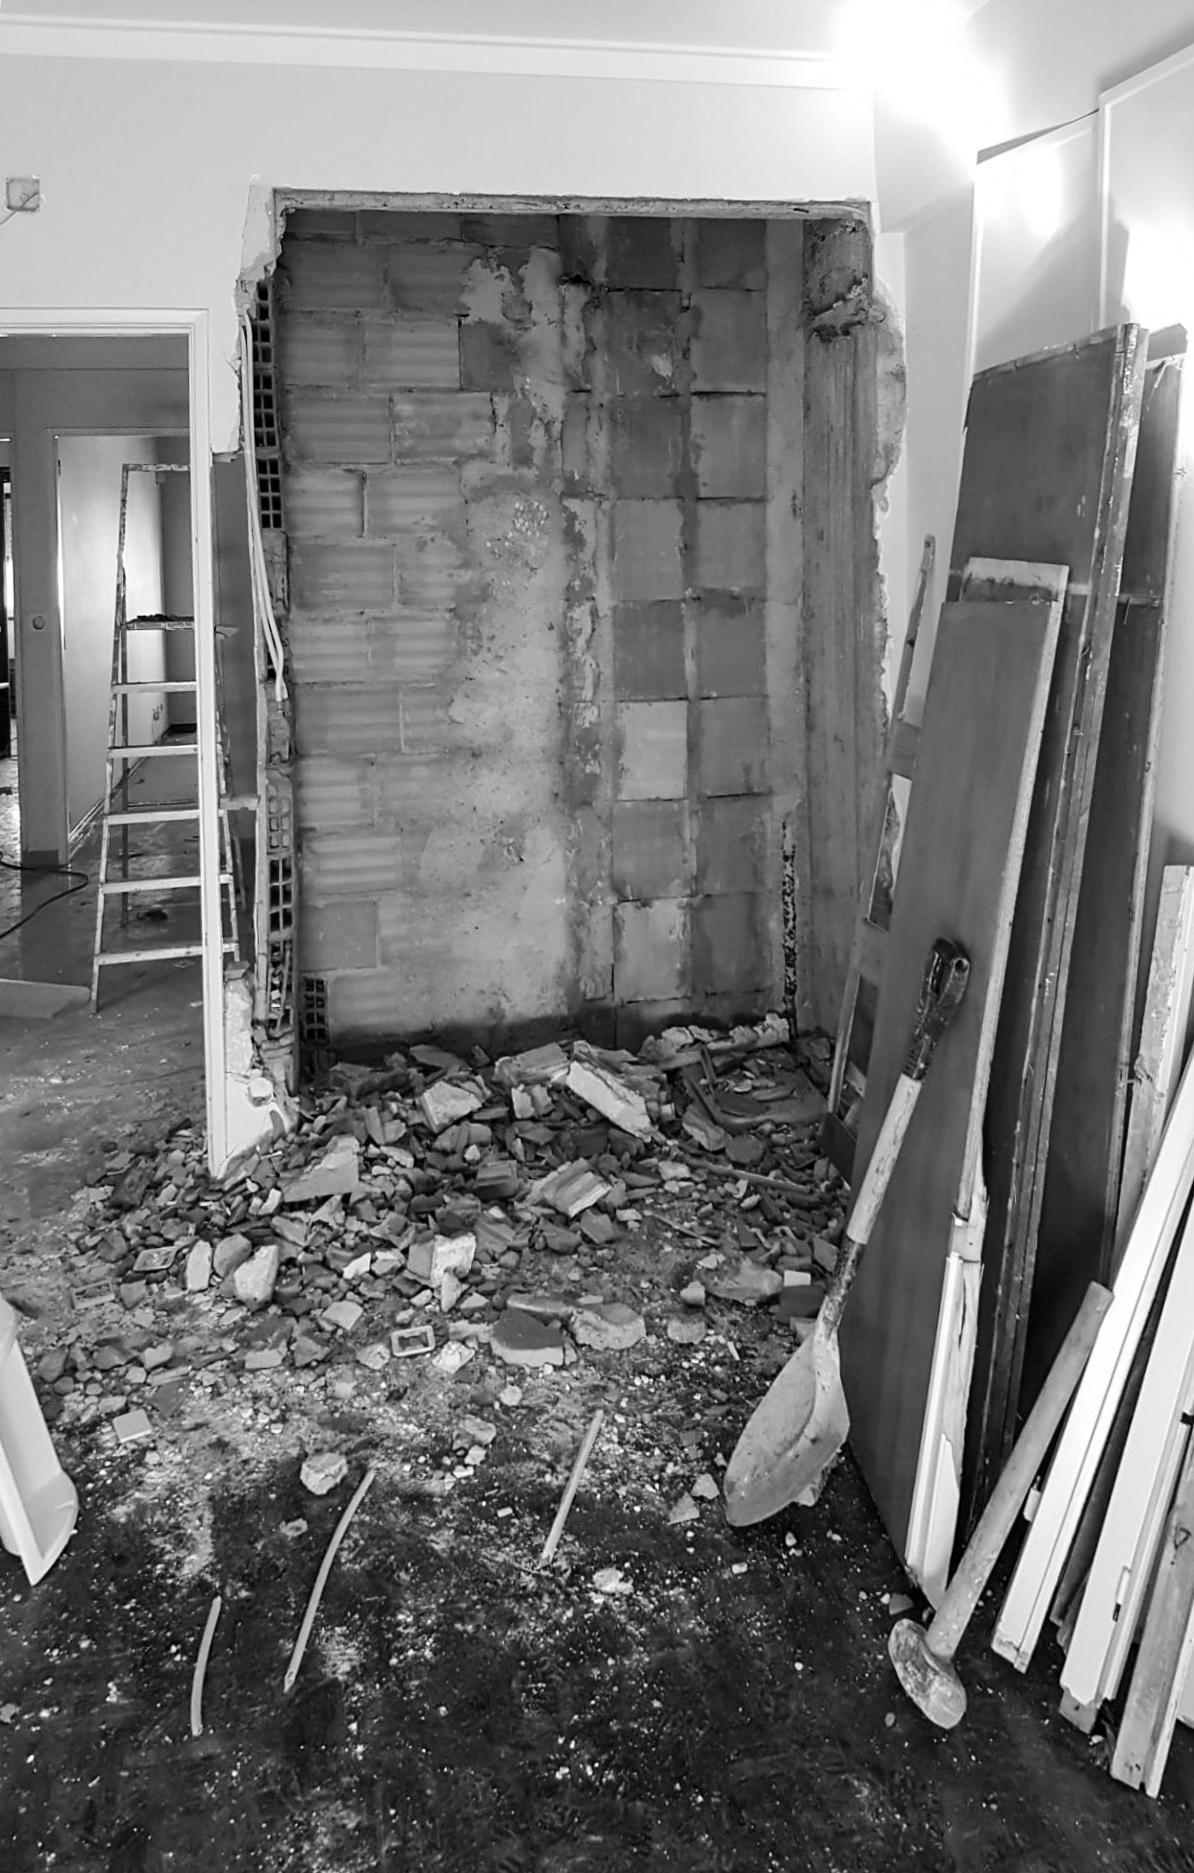 Apartamento Alcântara - Lisboa - EVA evolutionary architecture - EVA atelier - arquitectura - remodelação - habitação (1 (11).jpg